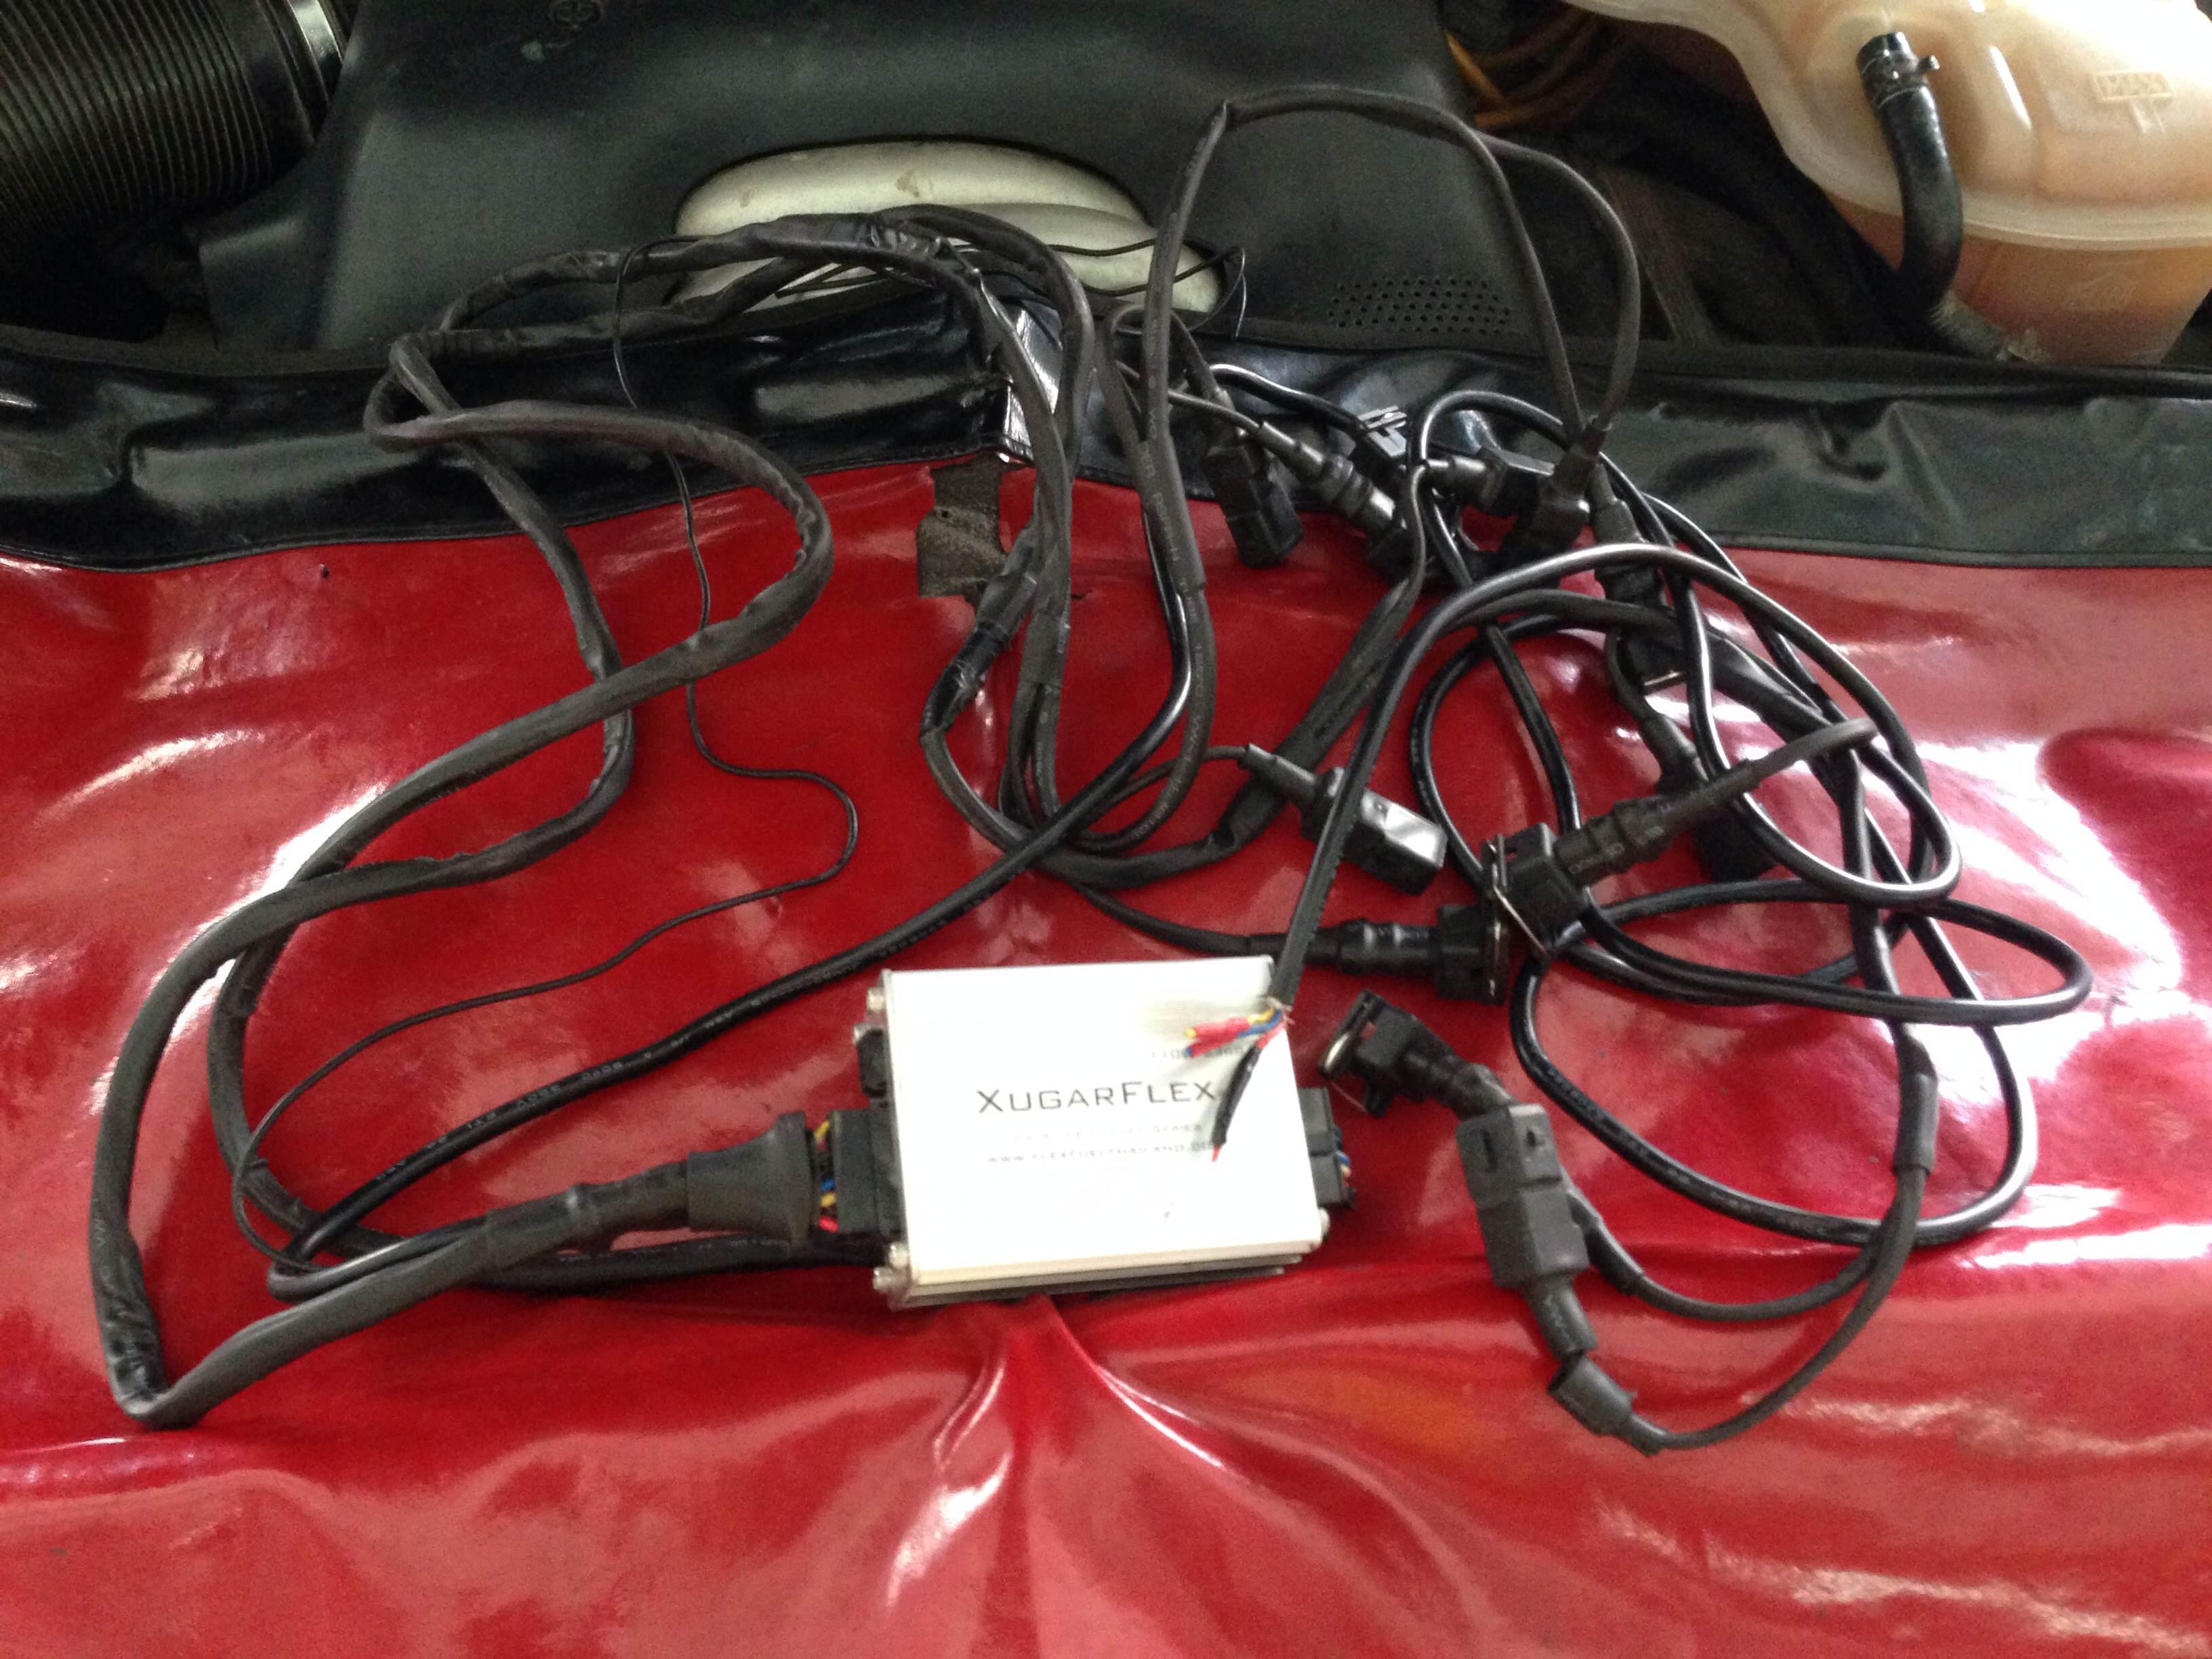 ระบบไฟฟ้ารถยนต์ เชียงใหม่